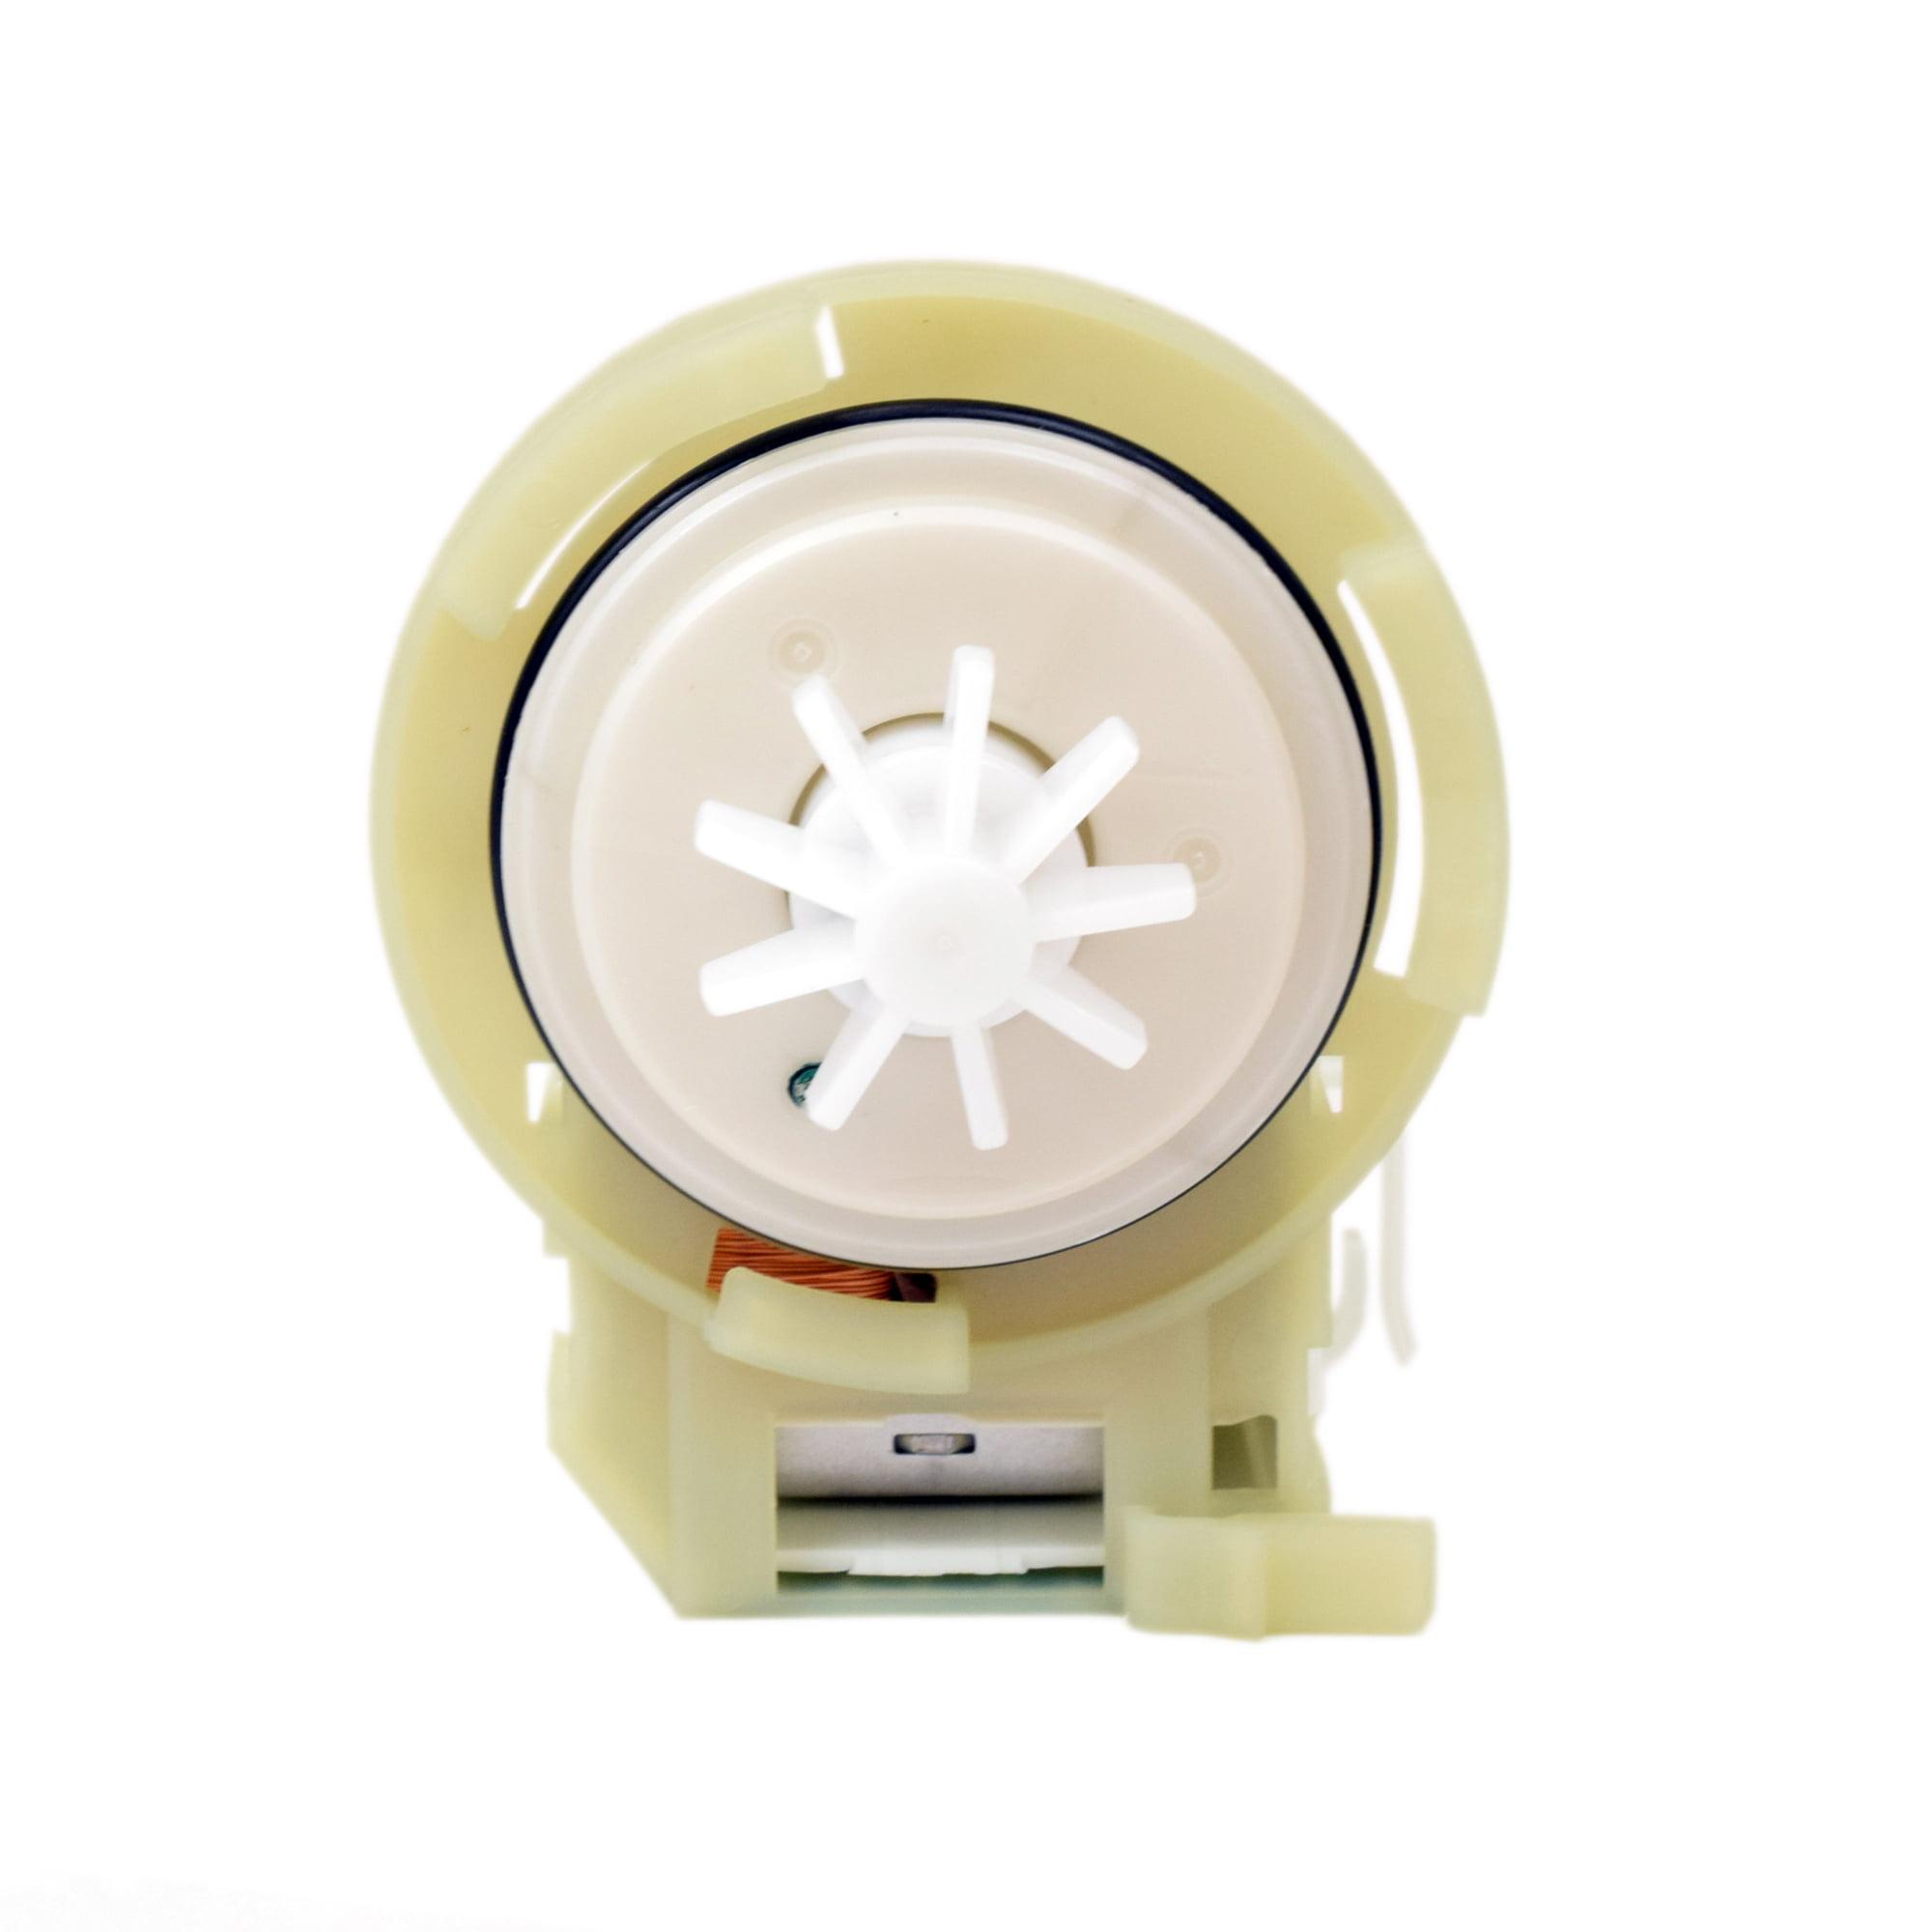 Bosch 00642239 Dishwasher Drain Pump Genuine Original